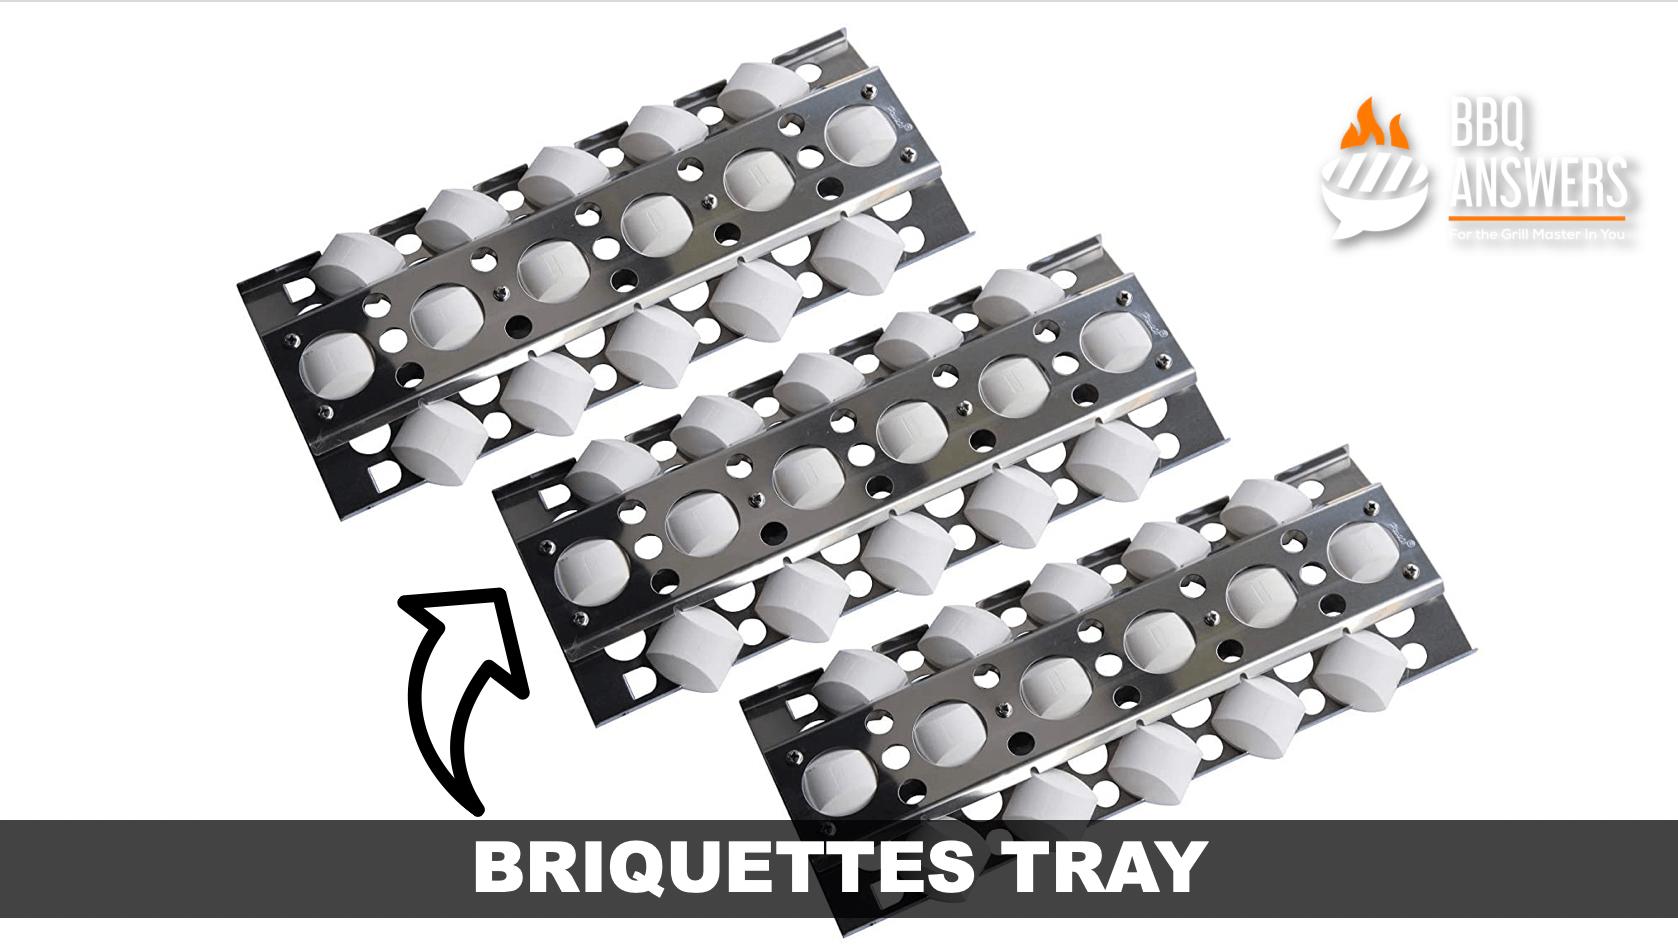 Briquette Tray   Ceramic Briquettes   BBQanswers